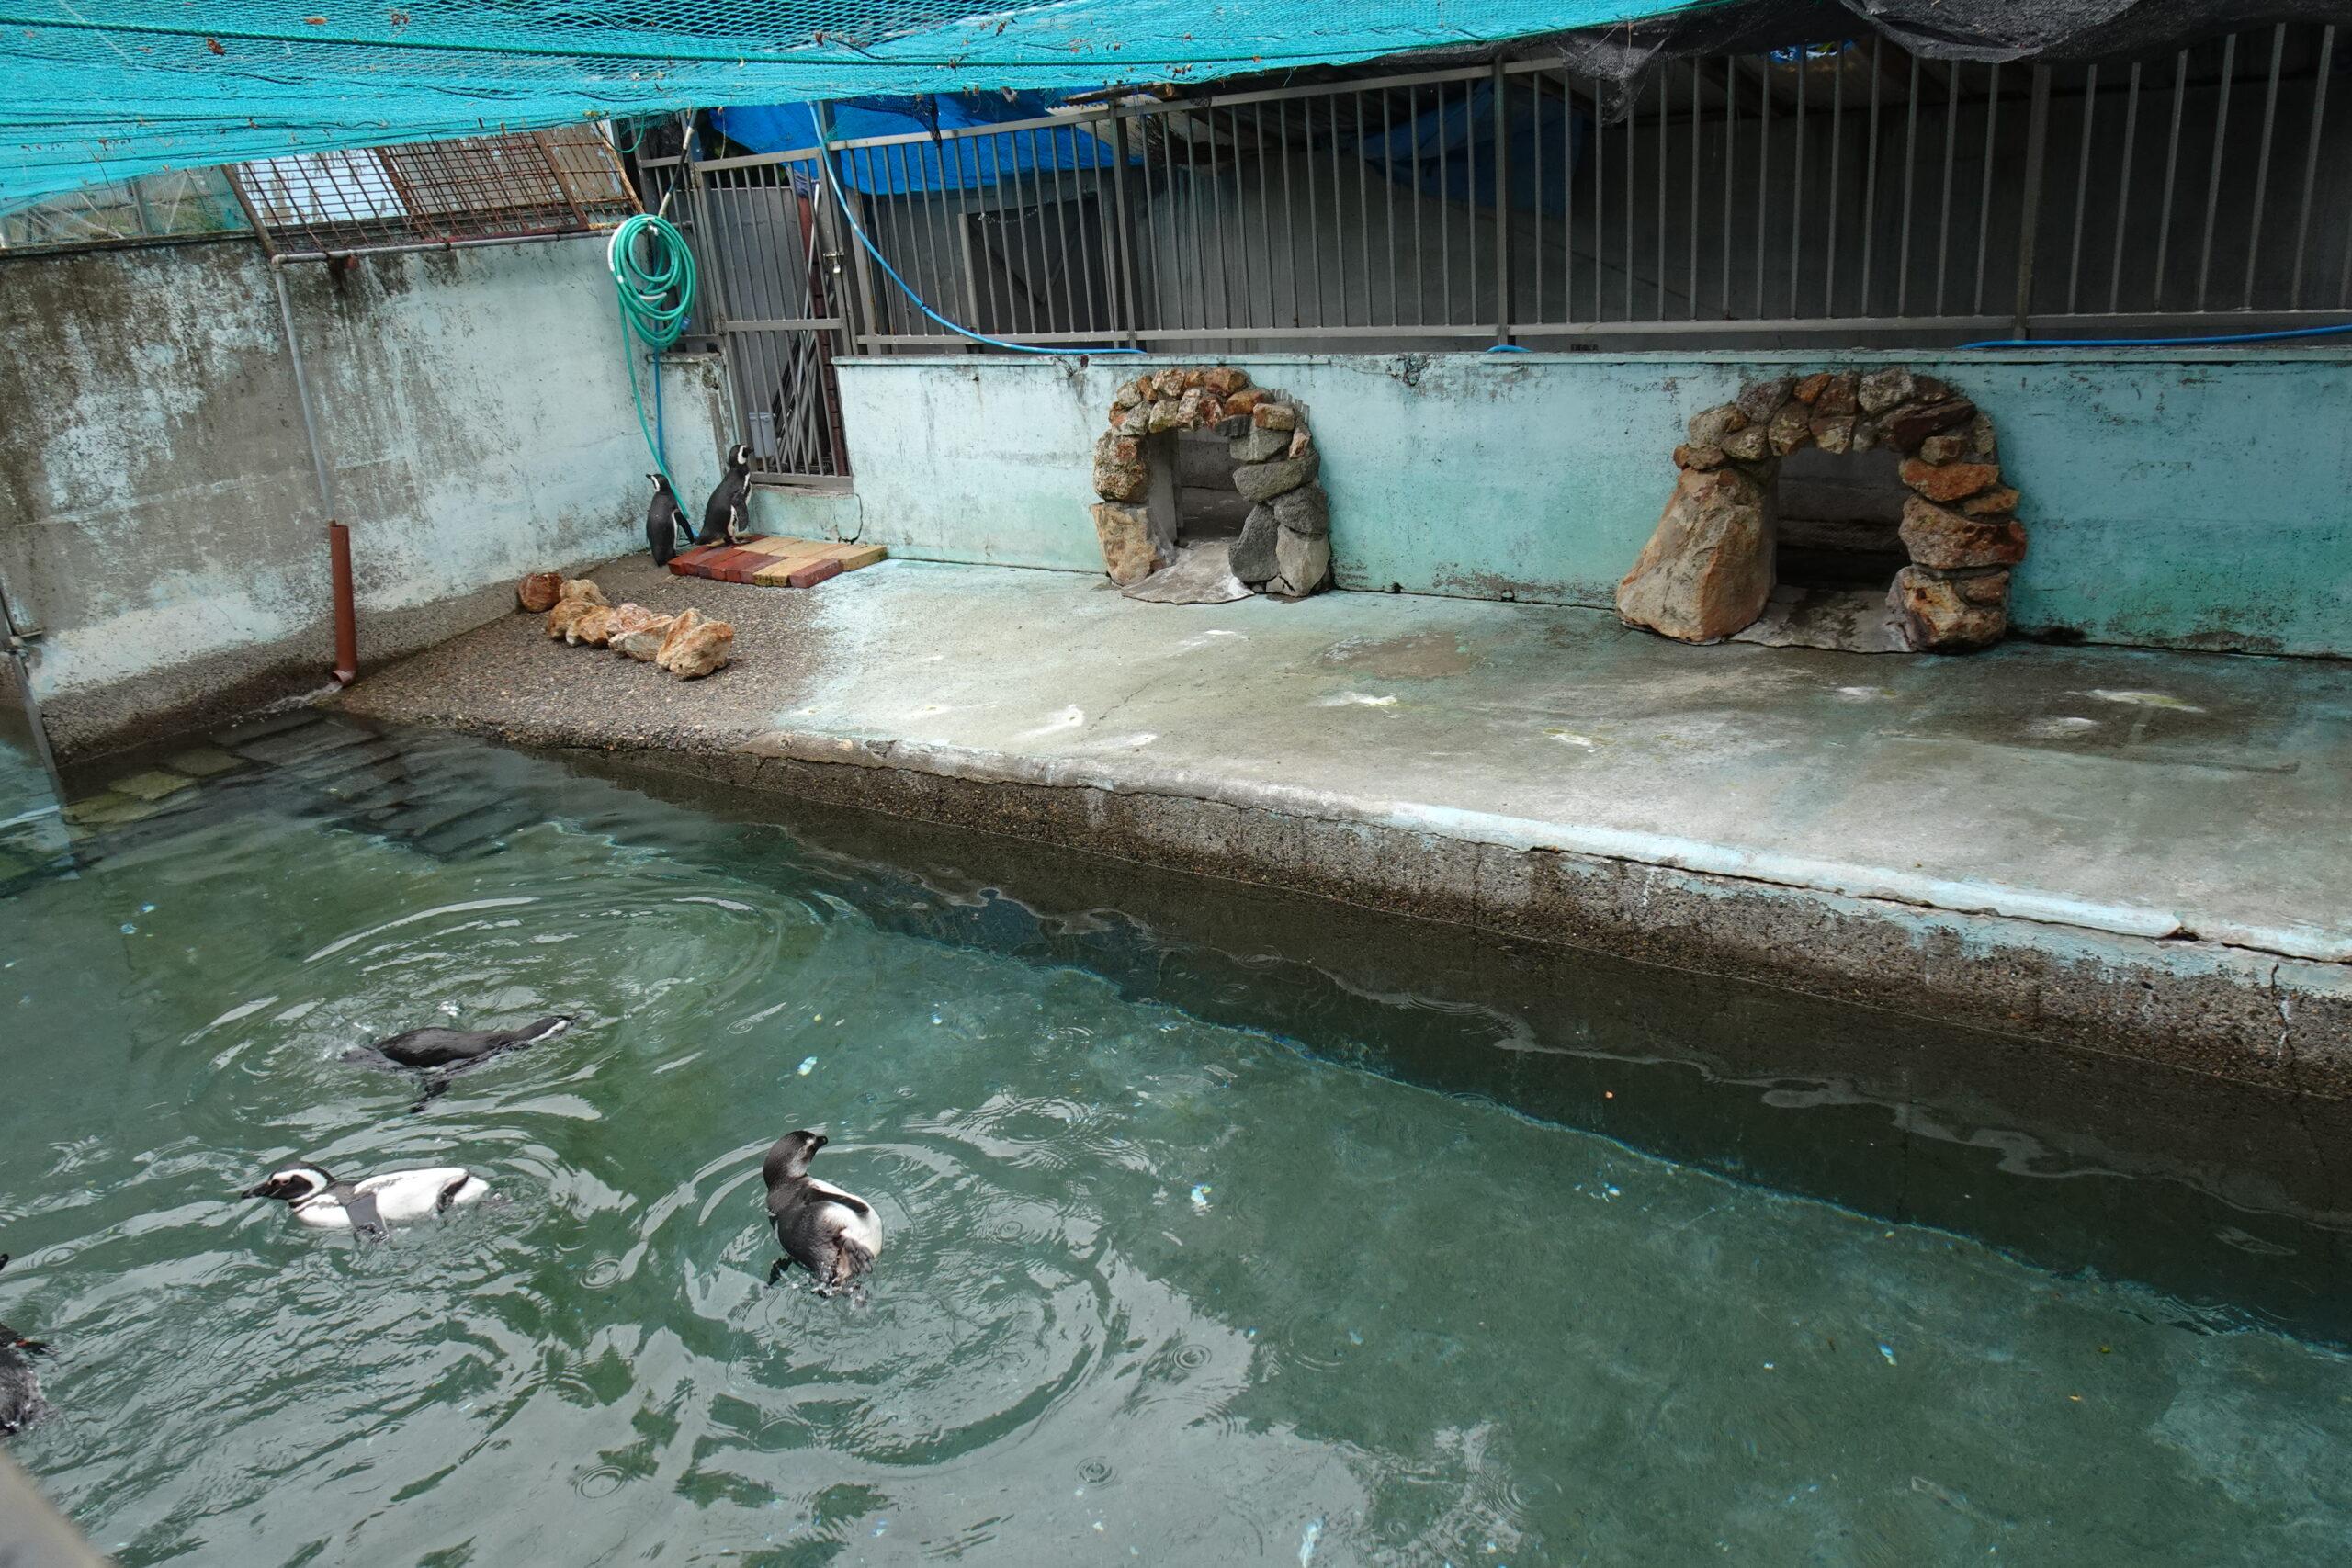 宇都宮動物園のペンギン